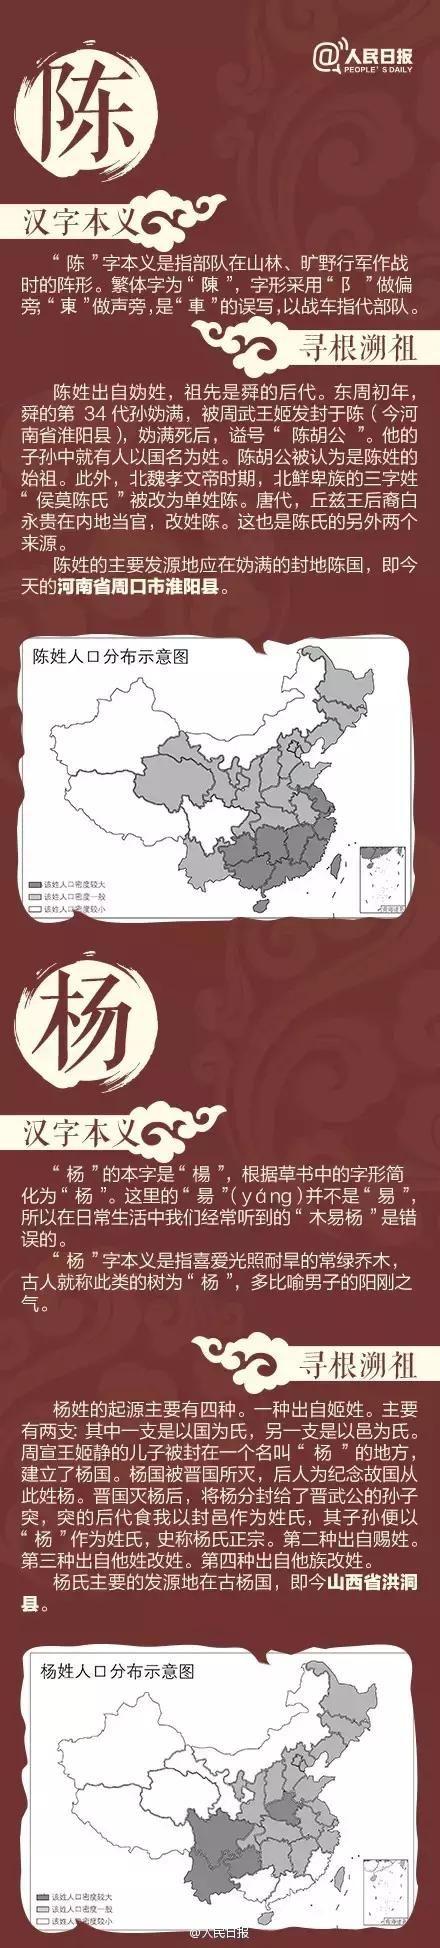 中国姓氏分布图曝光,看看自己的根在哪?